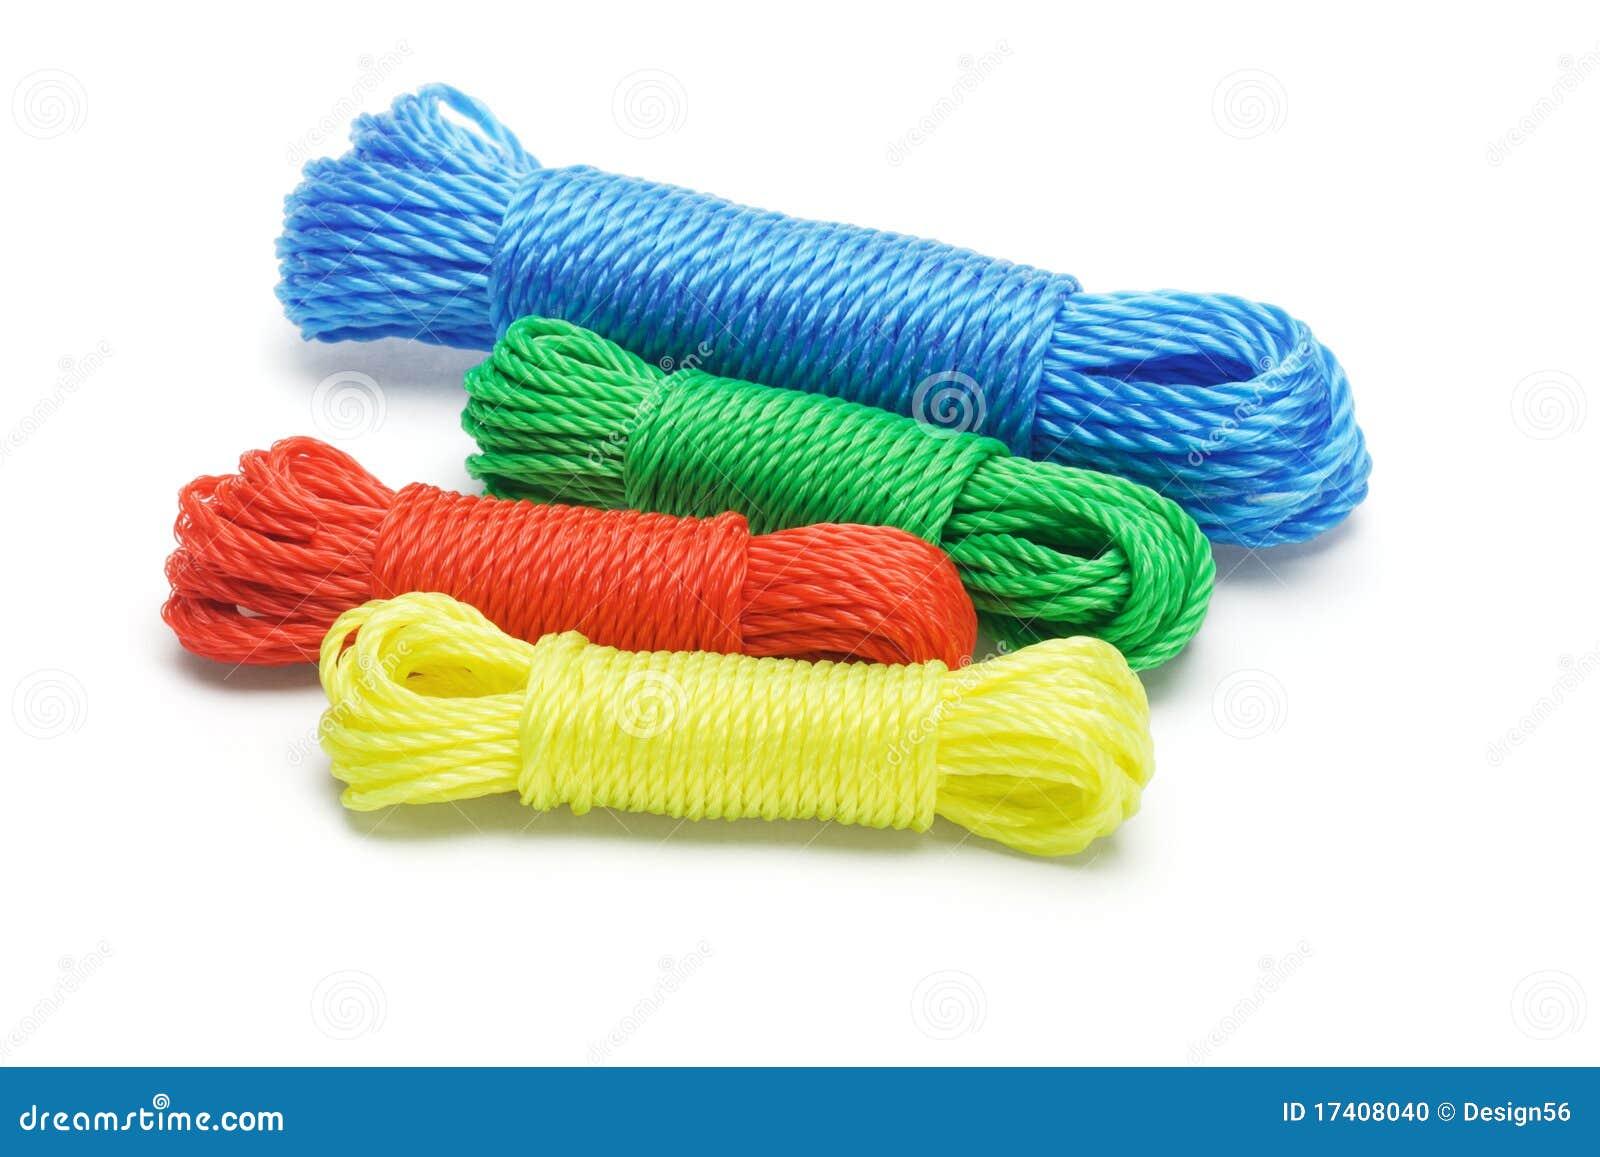 Cuerdas de nylon coloridas foto de archivo imagen 17408040 - Cuerda de nylon ...